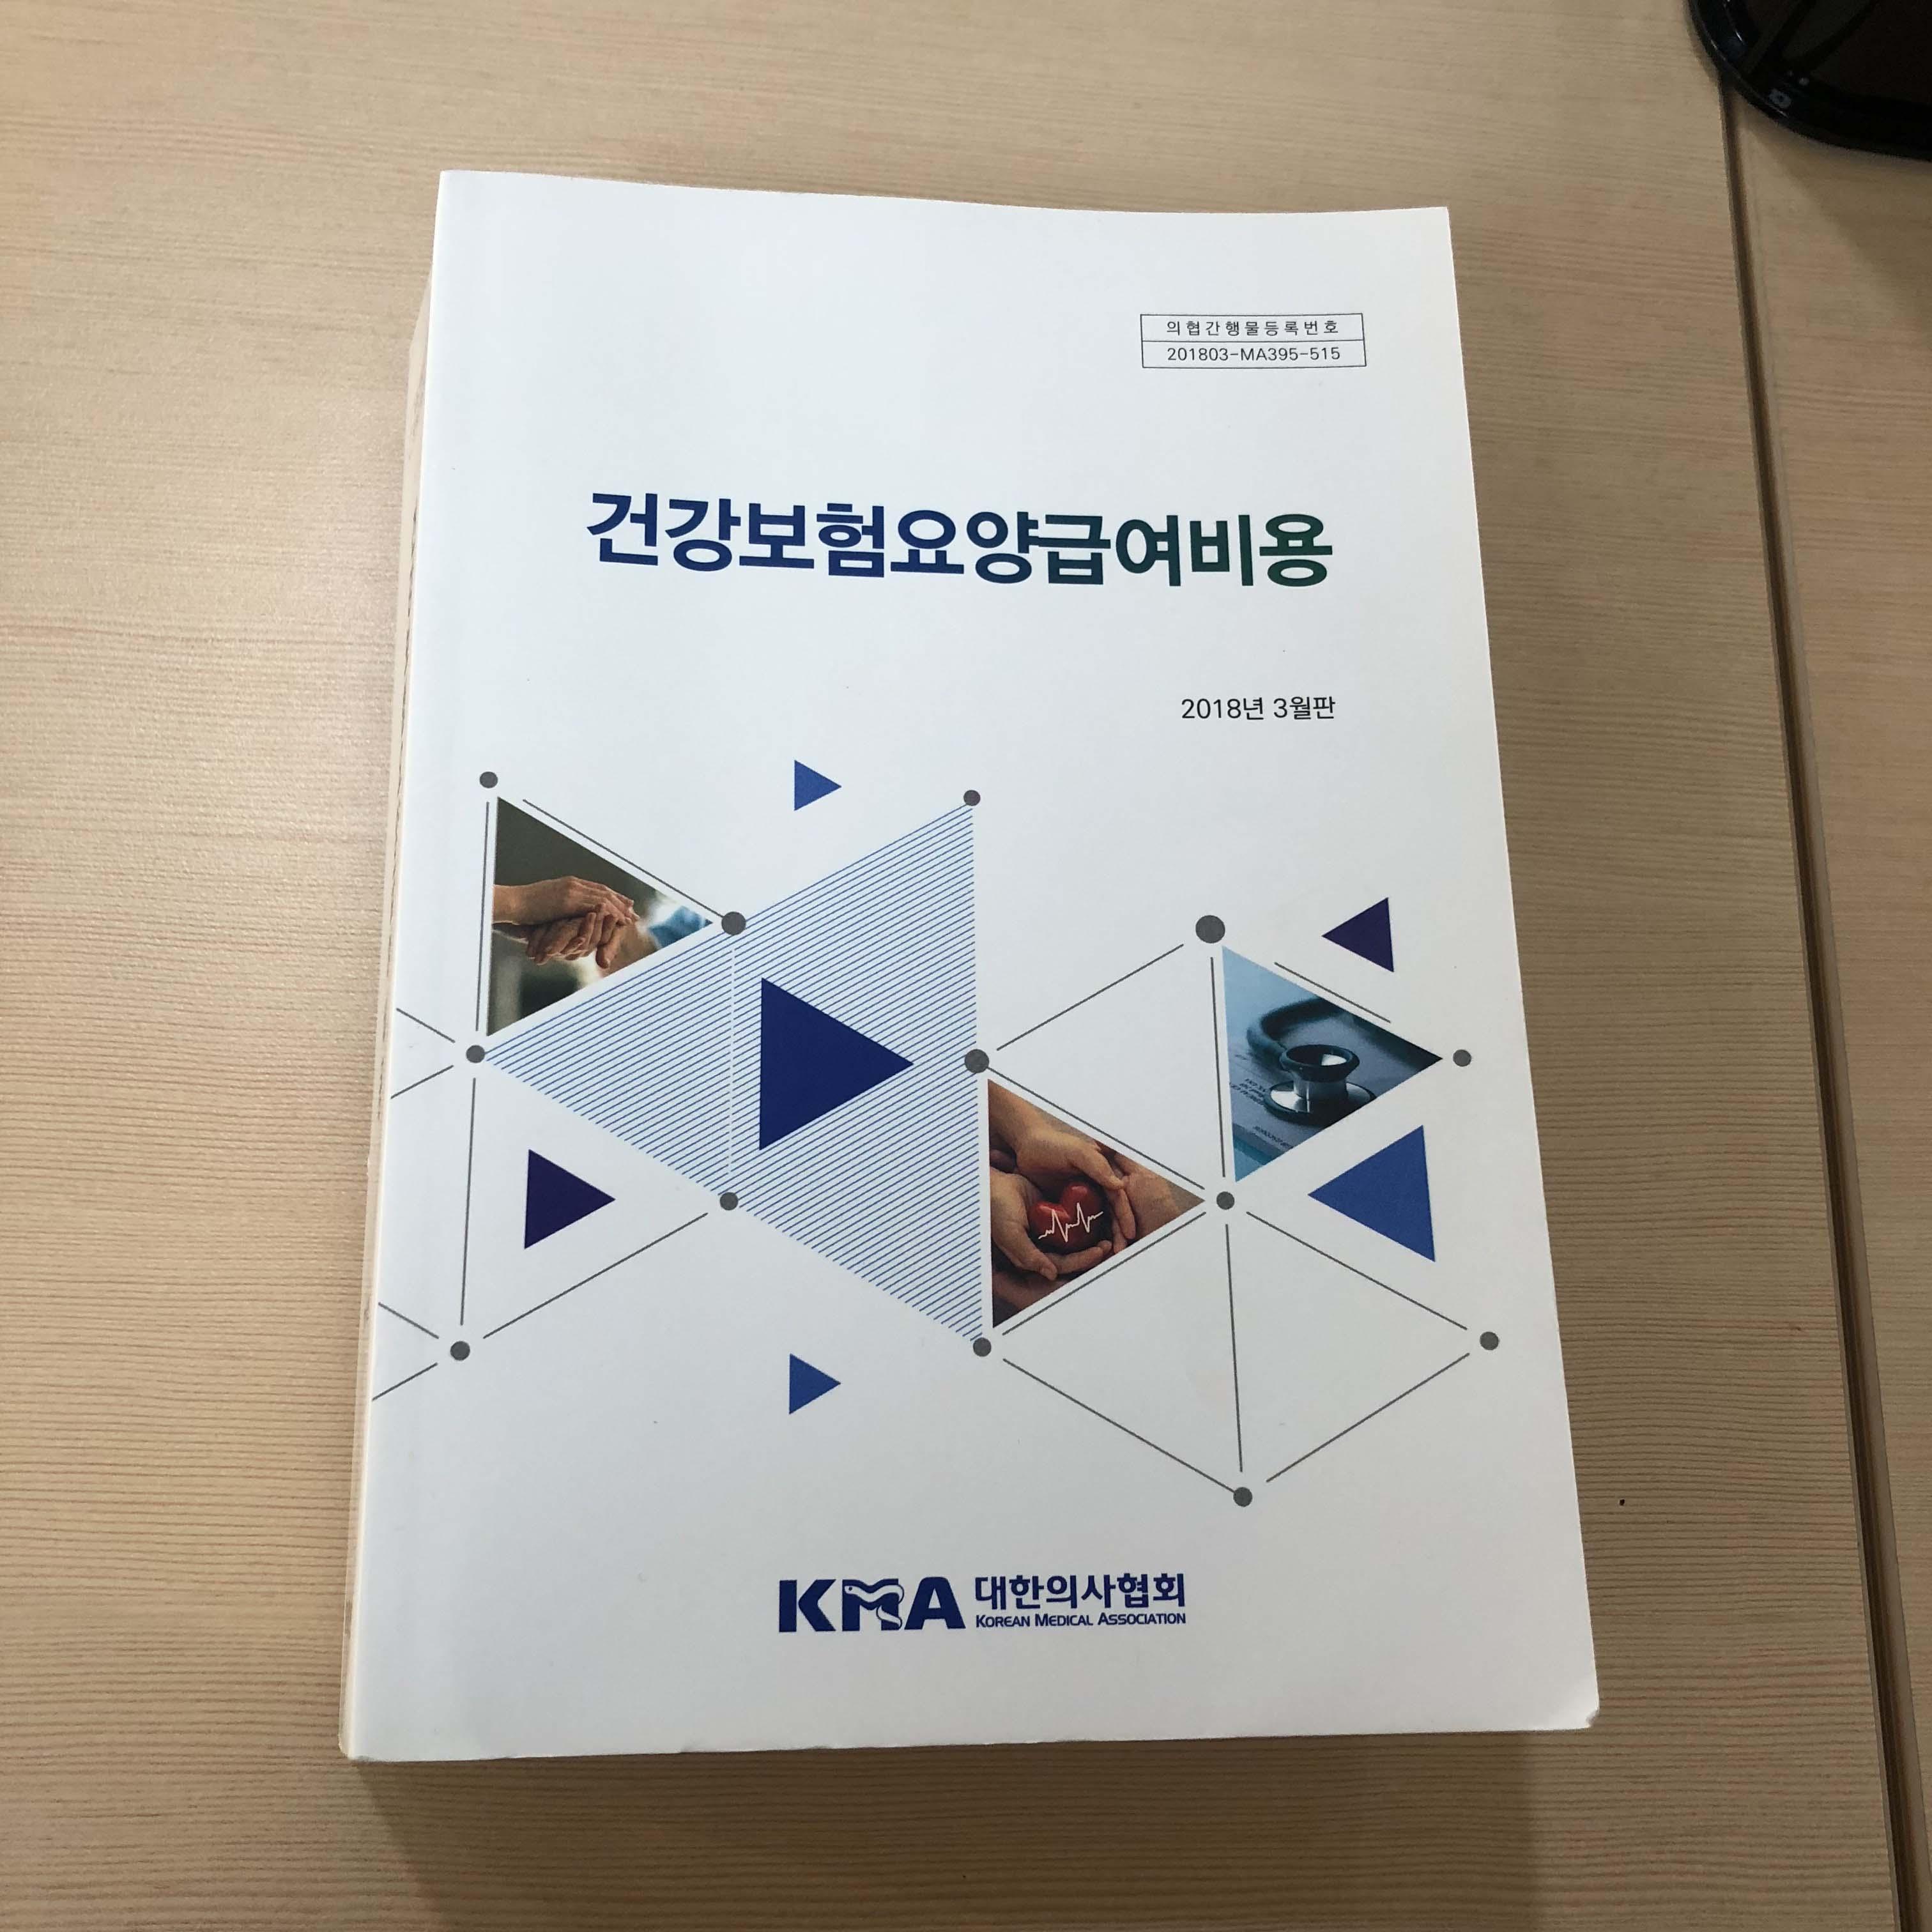 [보건행정학과] 고려사이버대 헬스매니지먼트 스터디 2학기 2주차